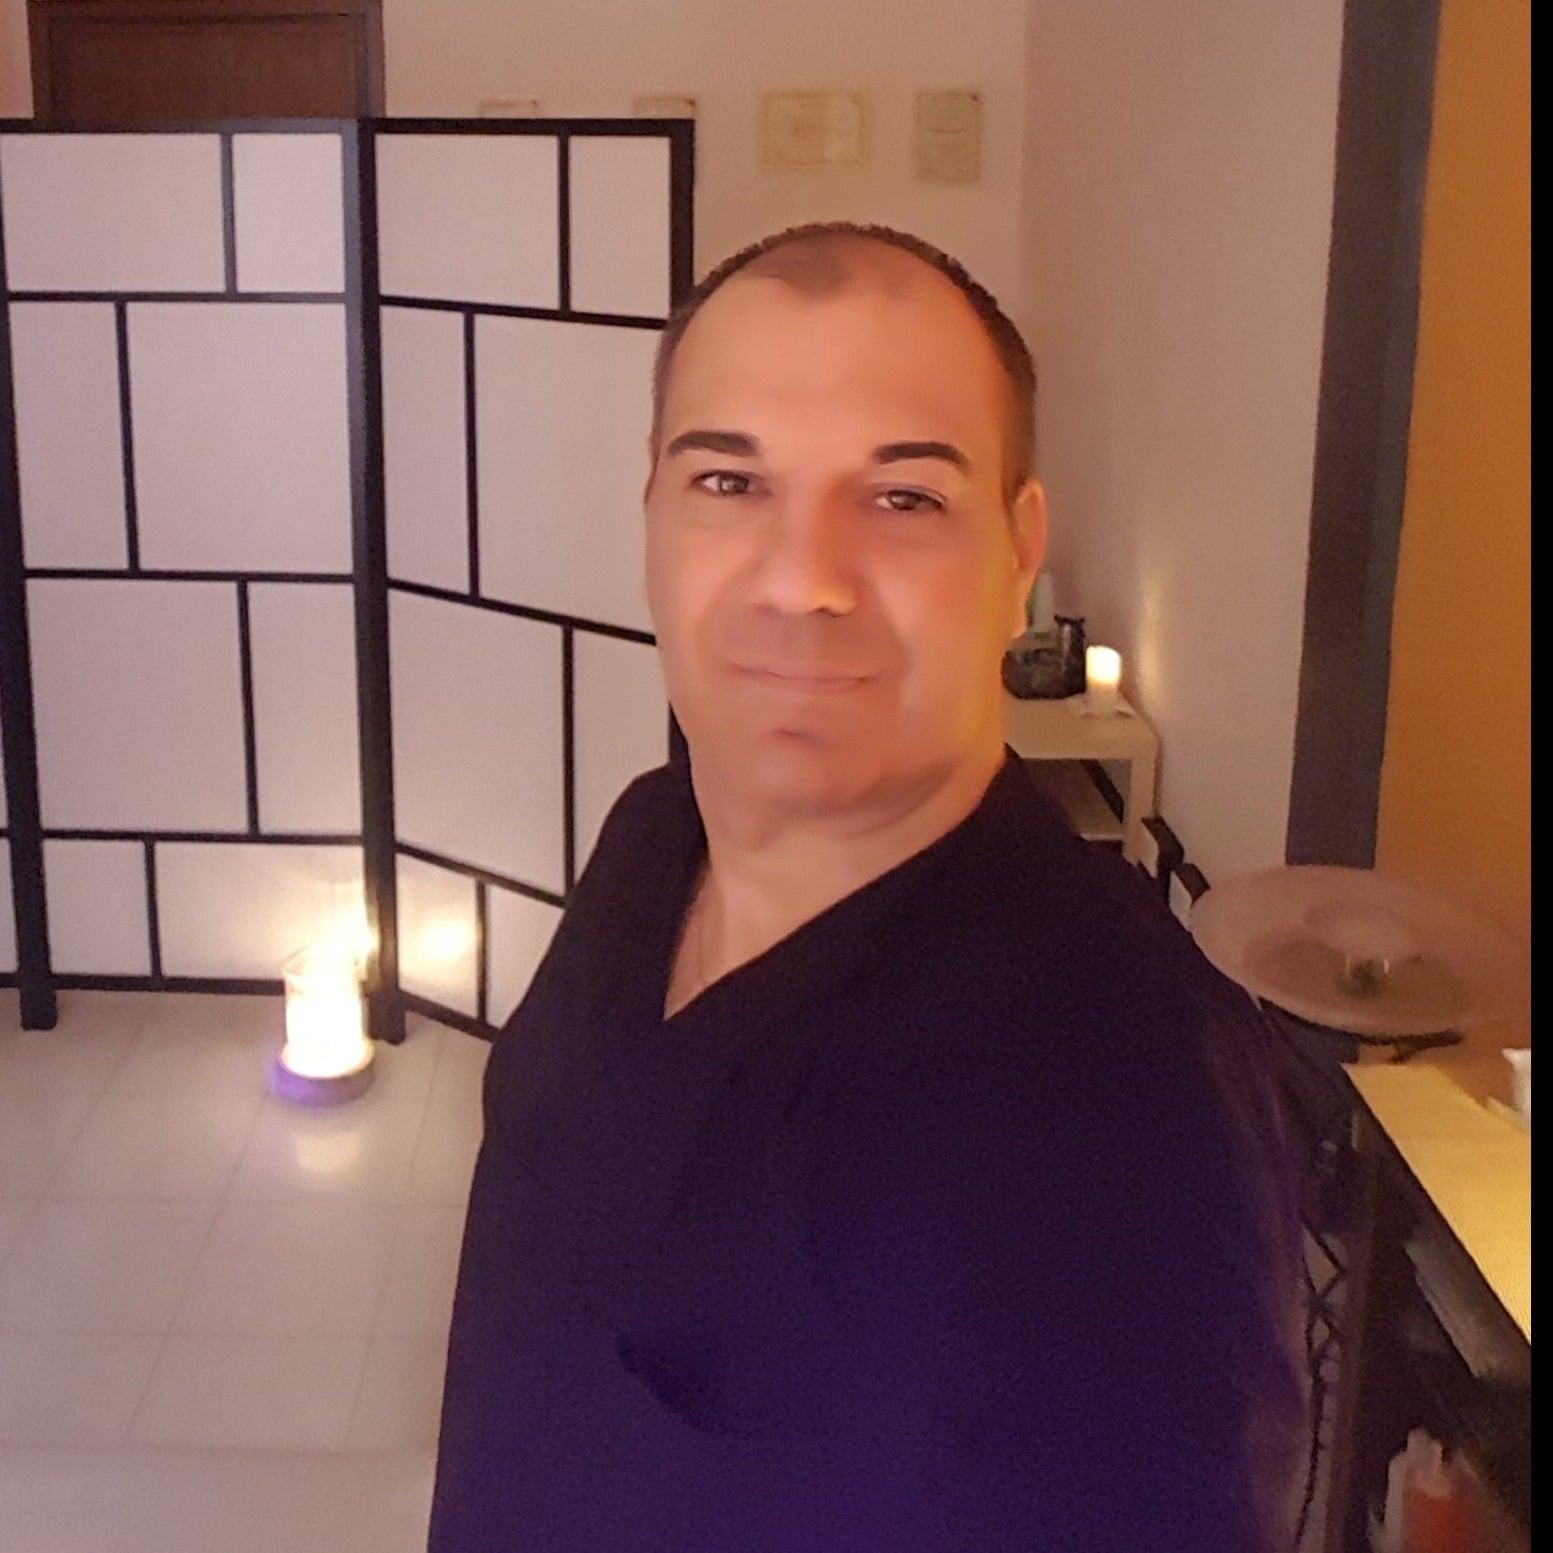 Studio Massaggio Shiro Su Lettino Con Materasso Ad Acqua Calda.I Migliori 31 Massaggiatori A Valdagno Con Preventivi Gratuiti